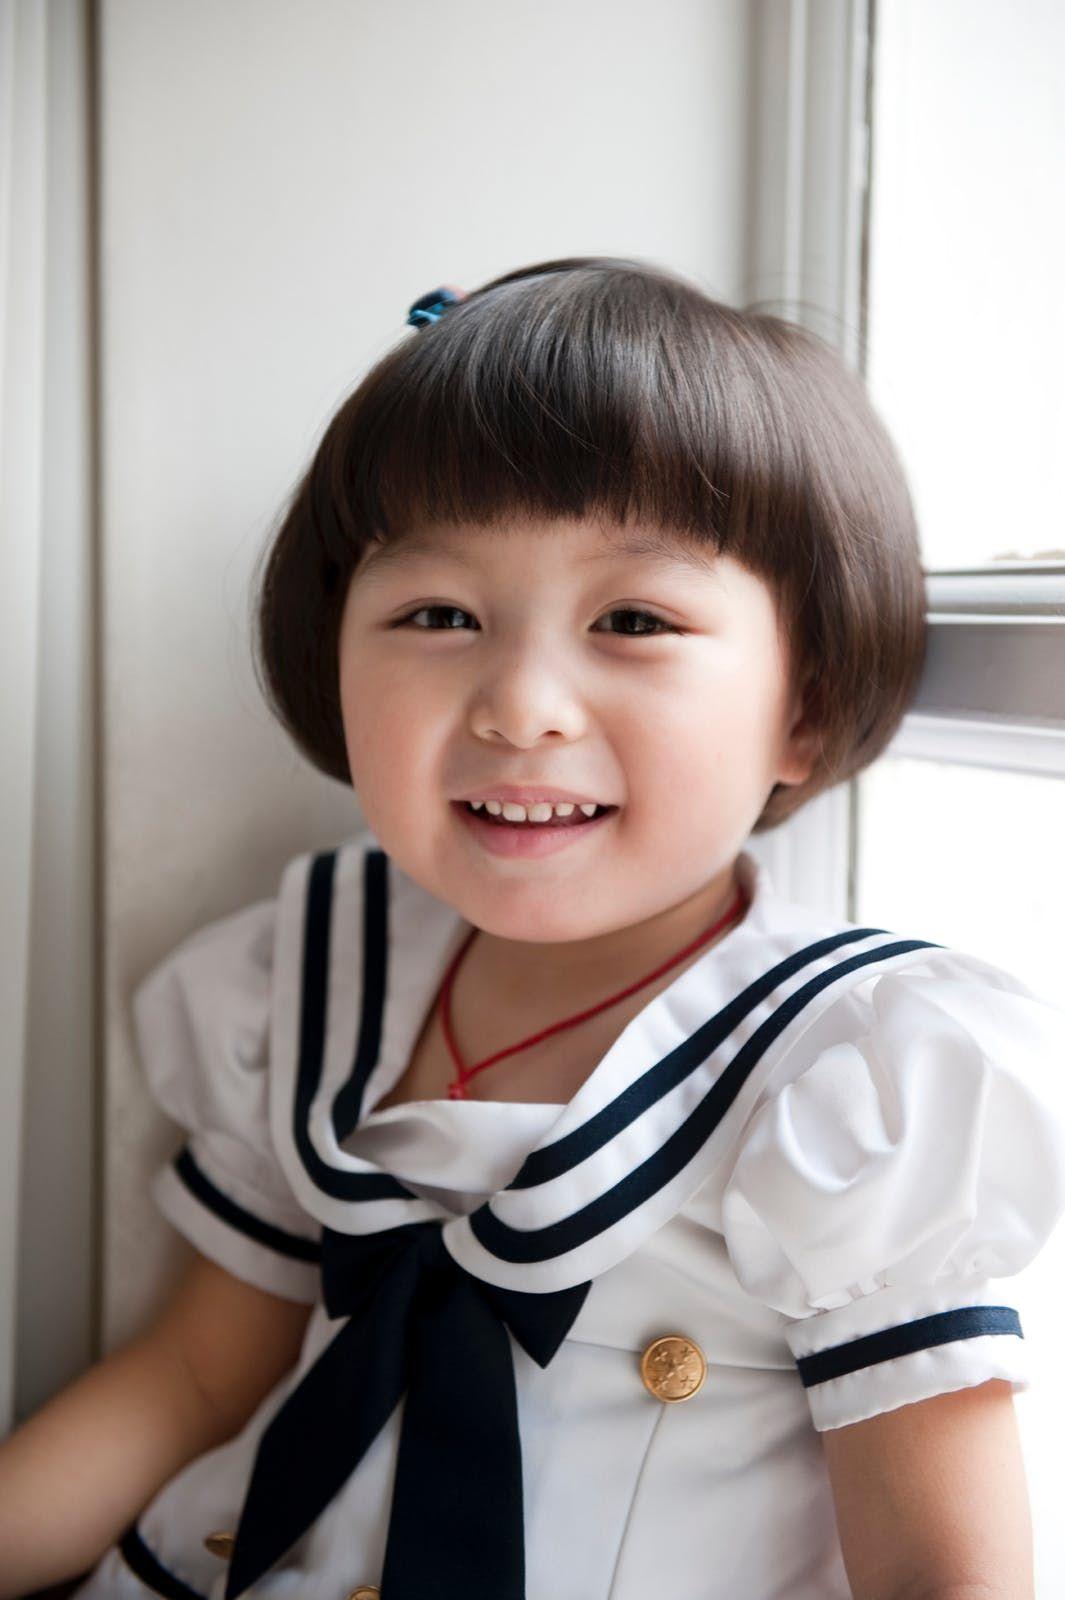 Photos : 20 coiffures courtes pour petites filles | Coiffure courte, Coiffures cheveux courts et ...